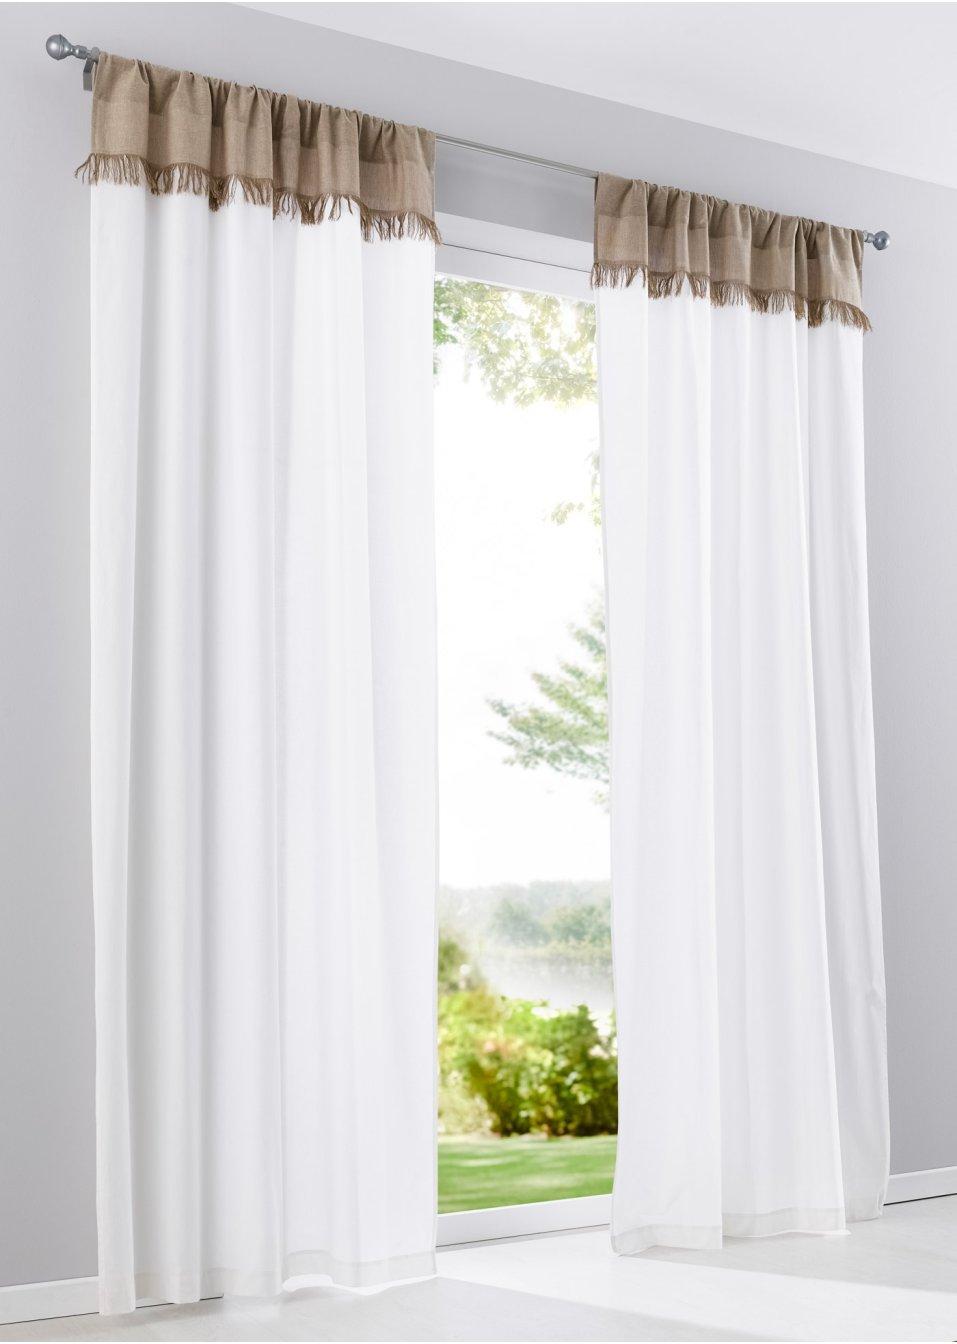 vorhang fransen 1er pack natur wohnen bpc living. Black Bedroom Furniture Sets. Home Design Ideas